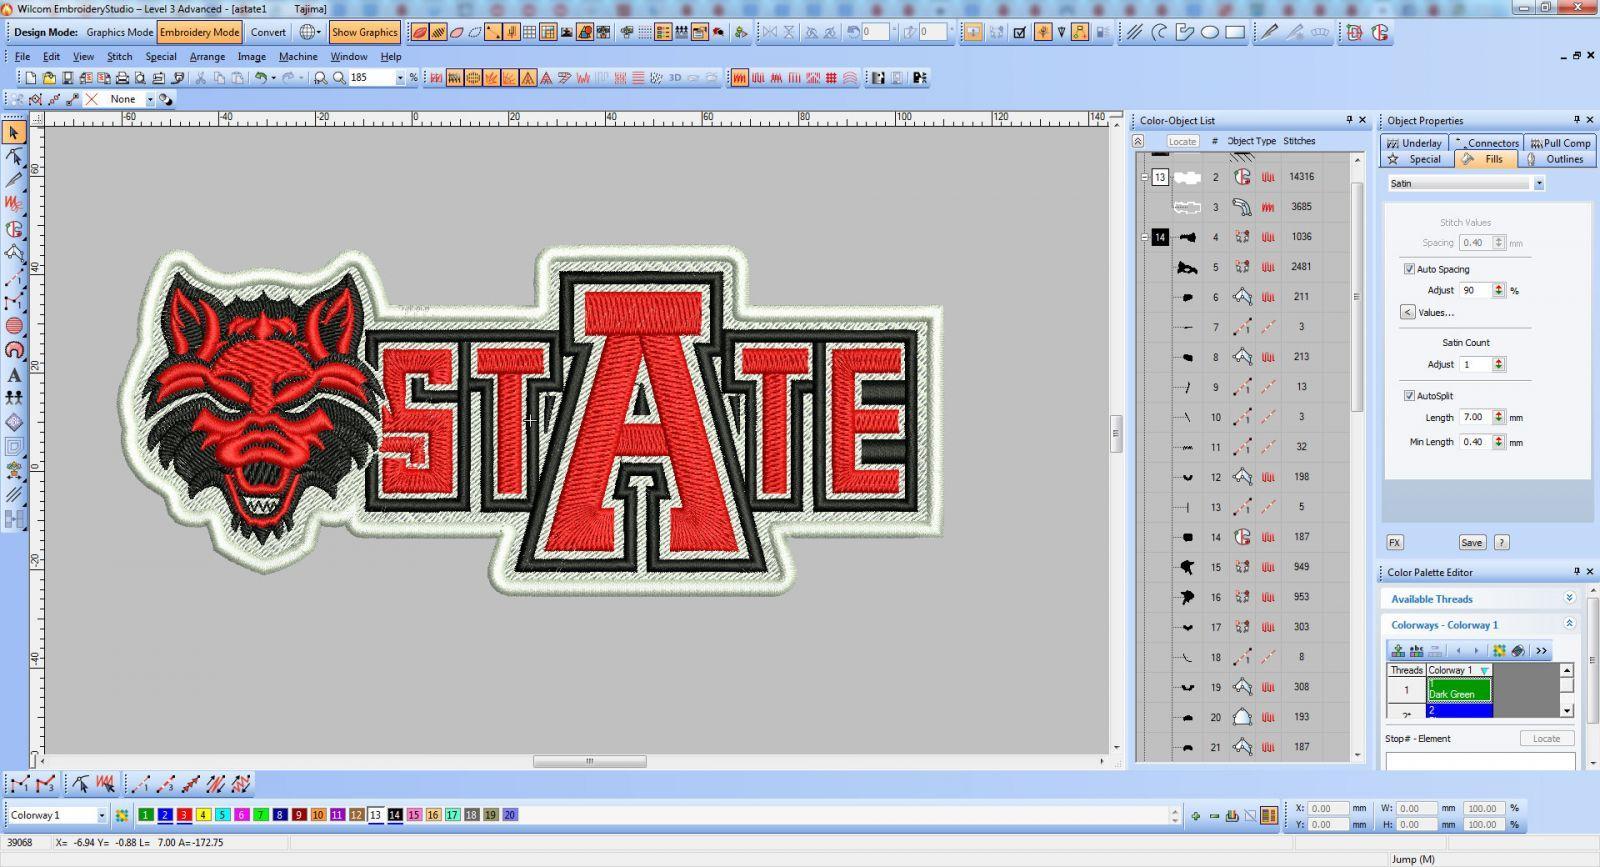 Arkansas Red Wolves logo screen shot